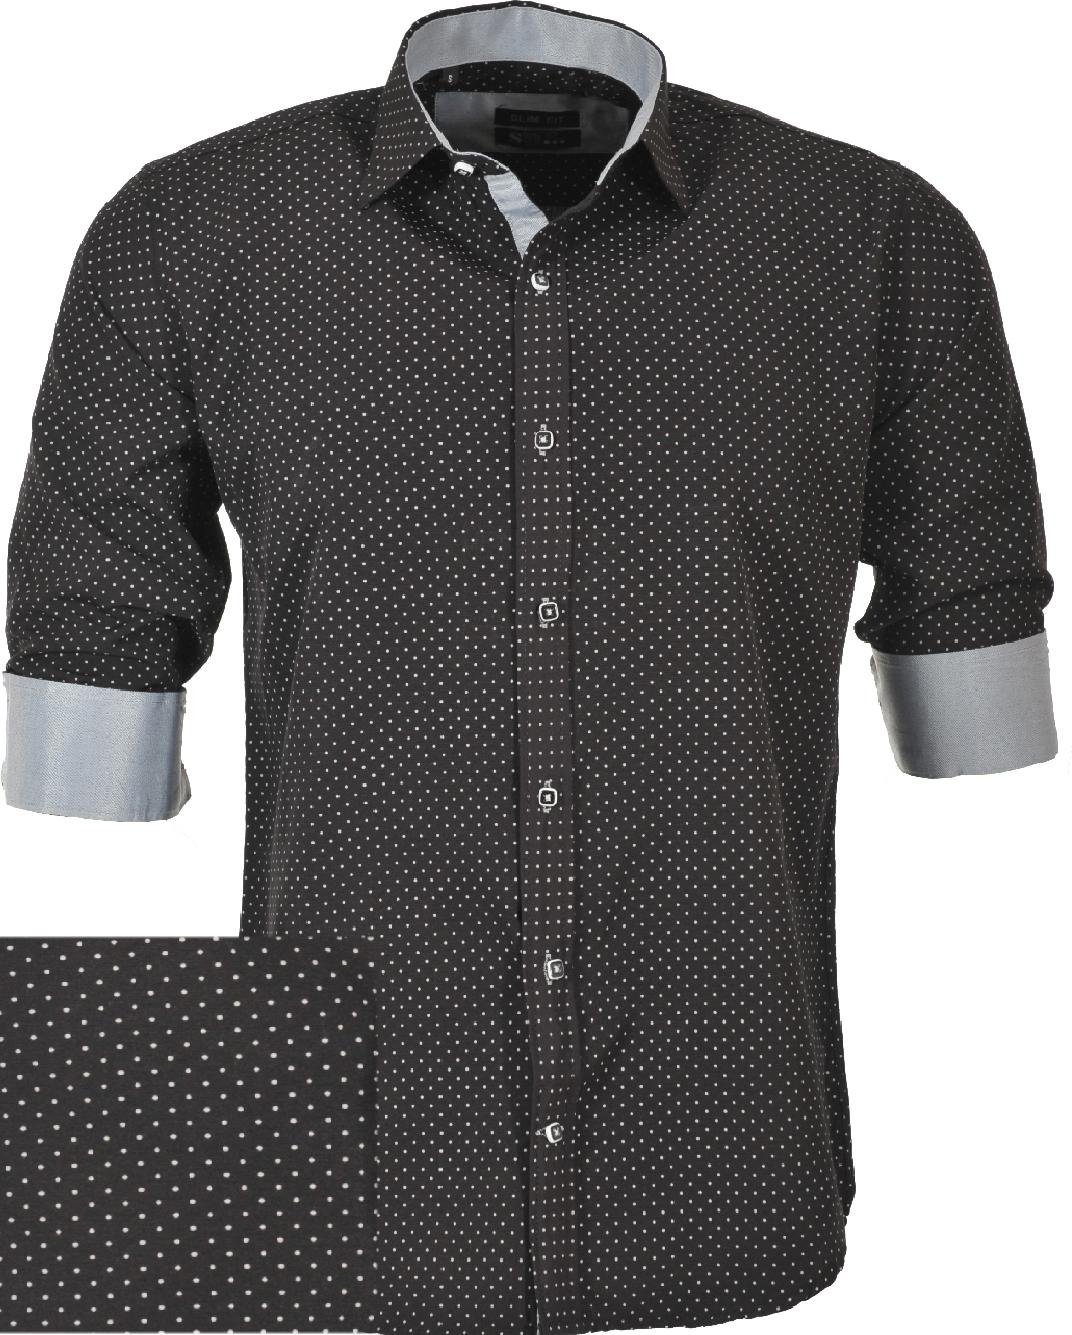 Ανδρικό Πουκάμισο So Fashion Black Poua-Μαύρο αρχική ανδρικά ρούχα επιλογή ανά προϊόν πουκάμισα